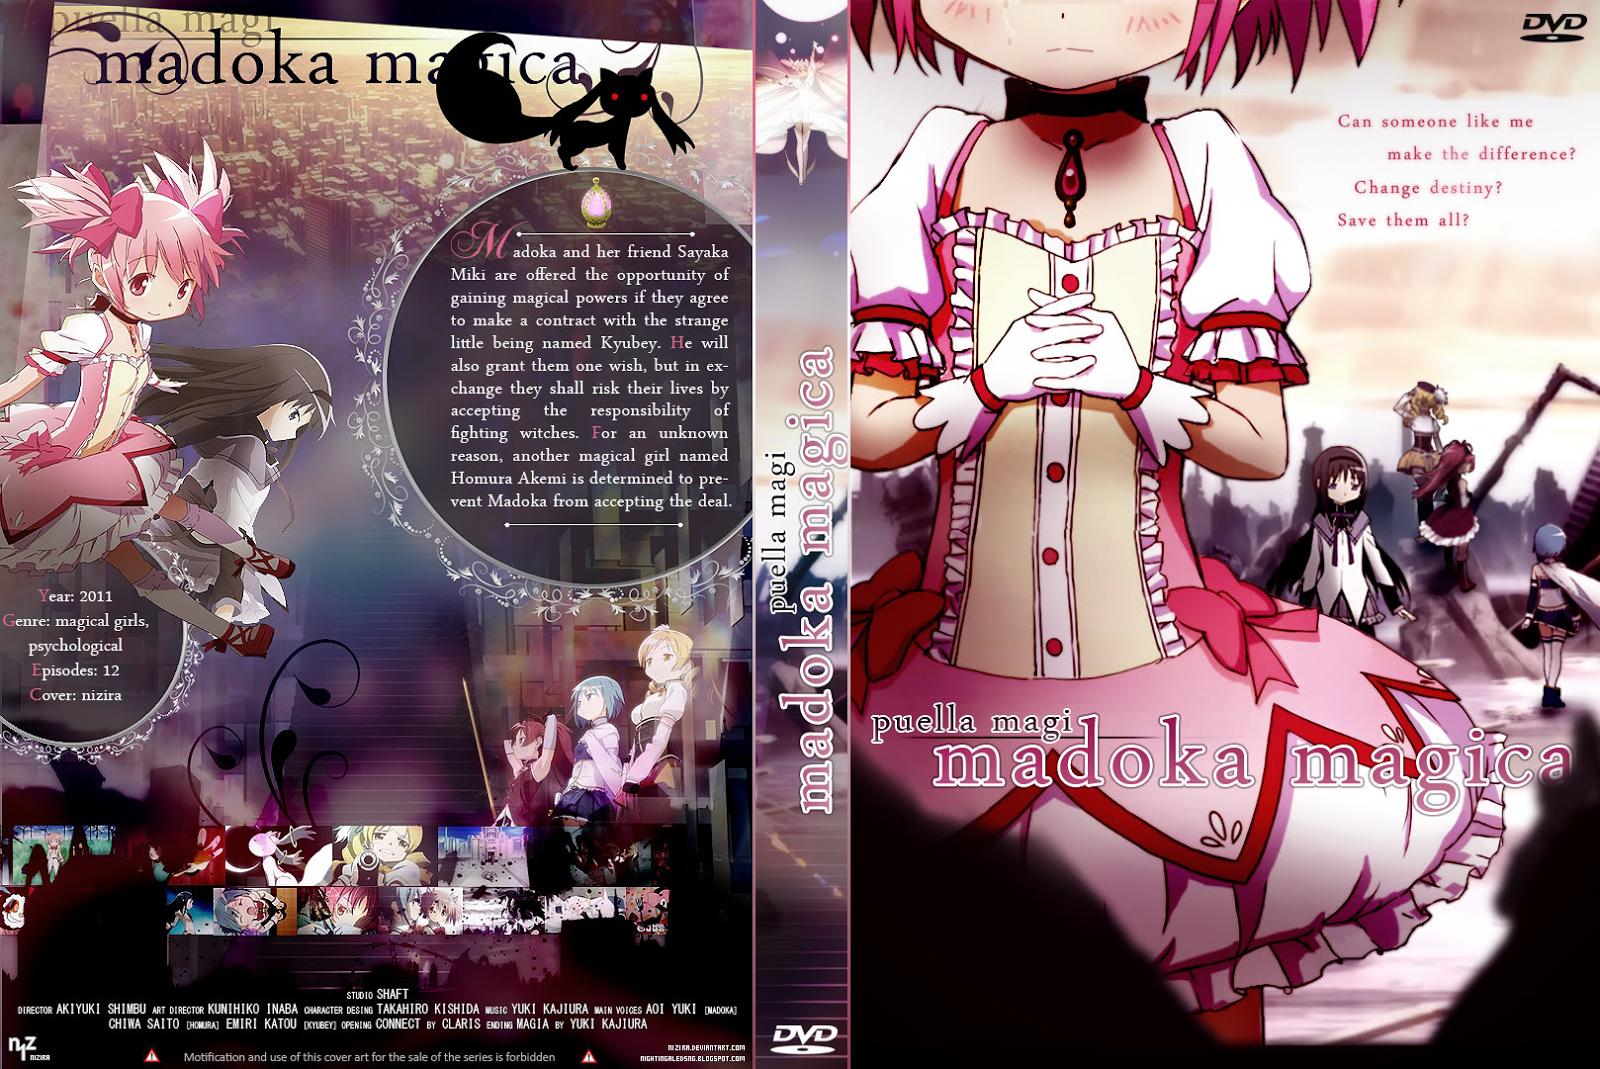 Capa DVD Puella Magi Madoka Magica